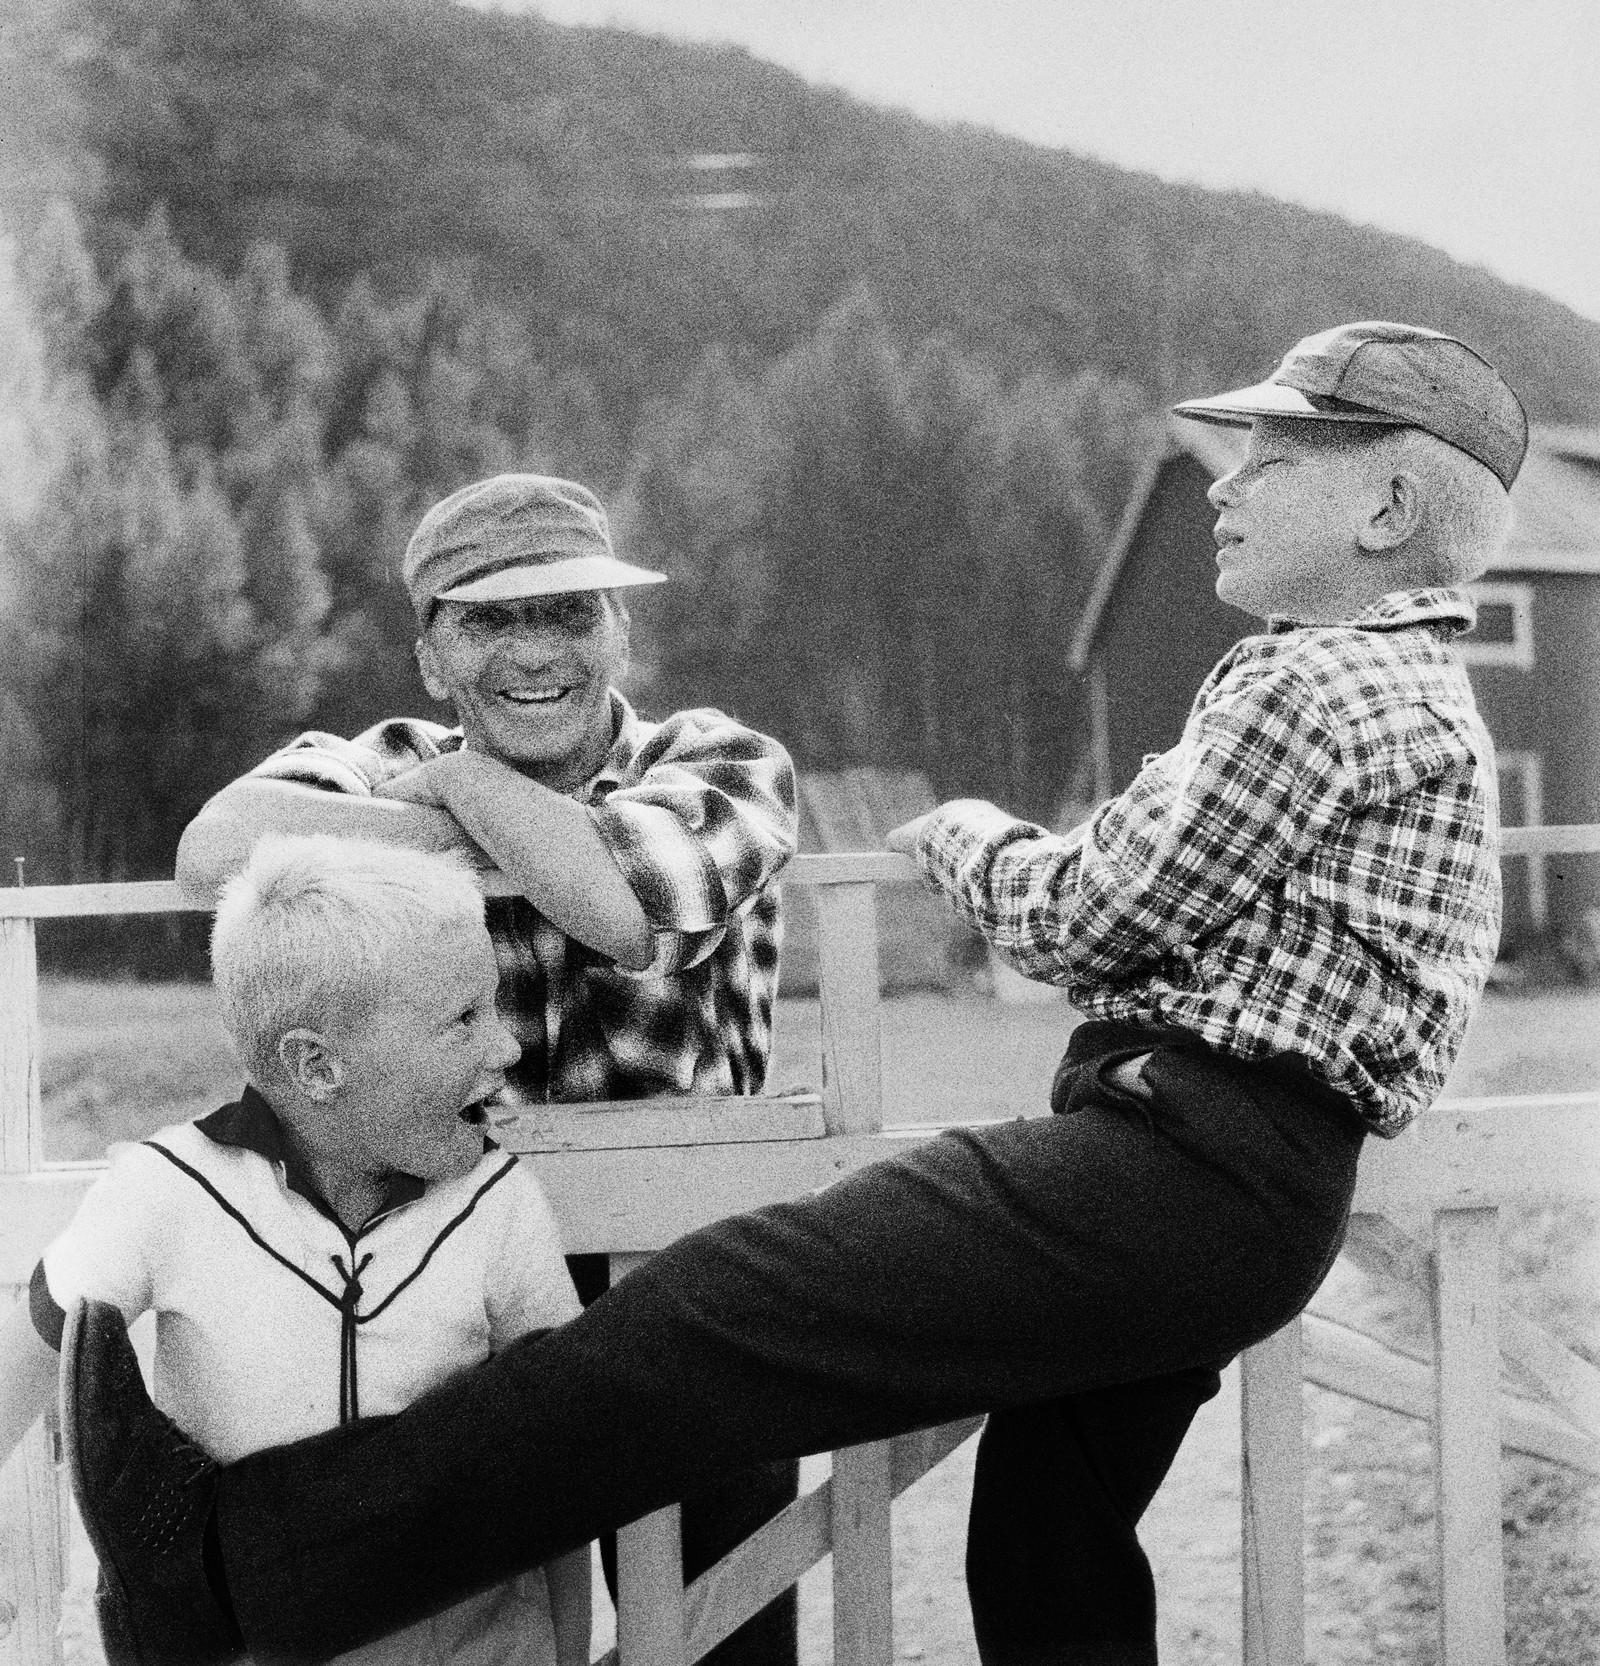 Kivijärvi jobbet som fotograf for Vest-Finnmark Arbeiderblad i tenårene. Dette bildet er tatt i Alta omkring 1956-57.